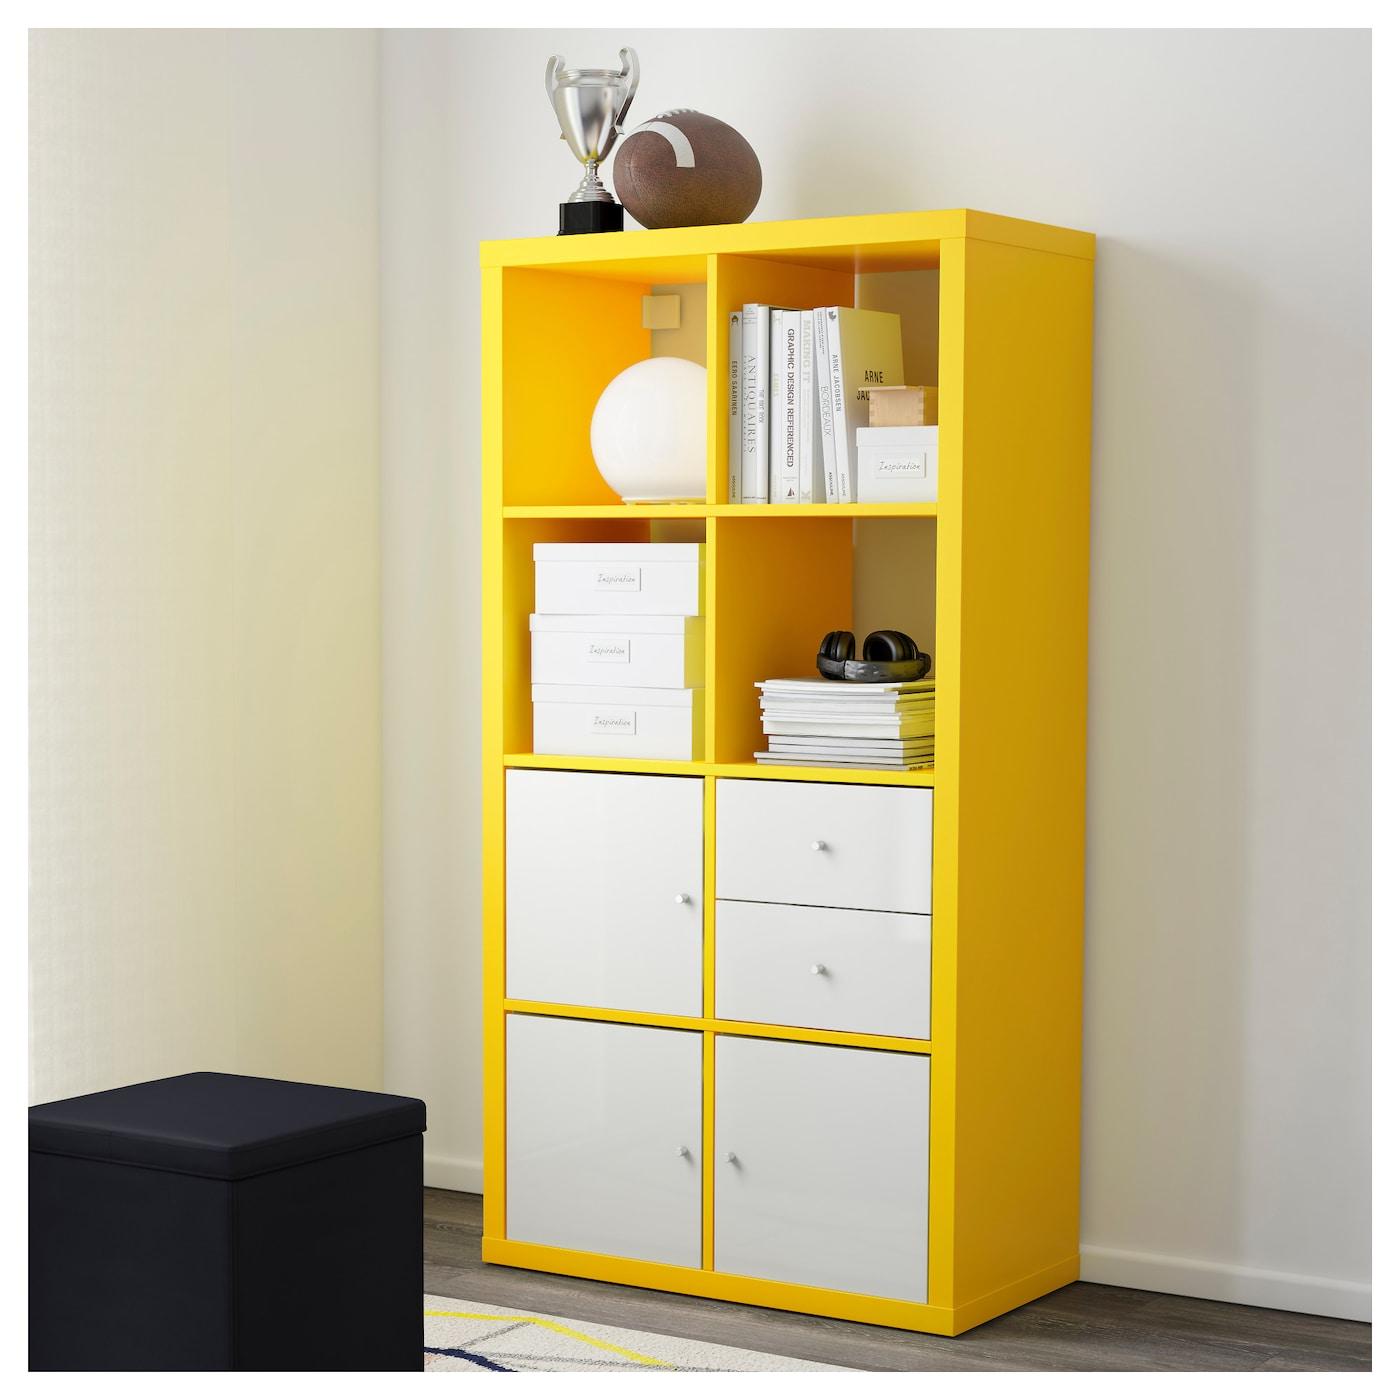 Kallax open kast geel 77x147 cm ikea Meuble kallax ikea